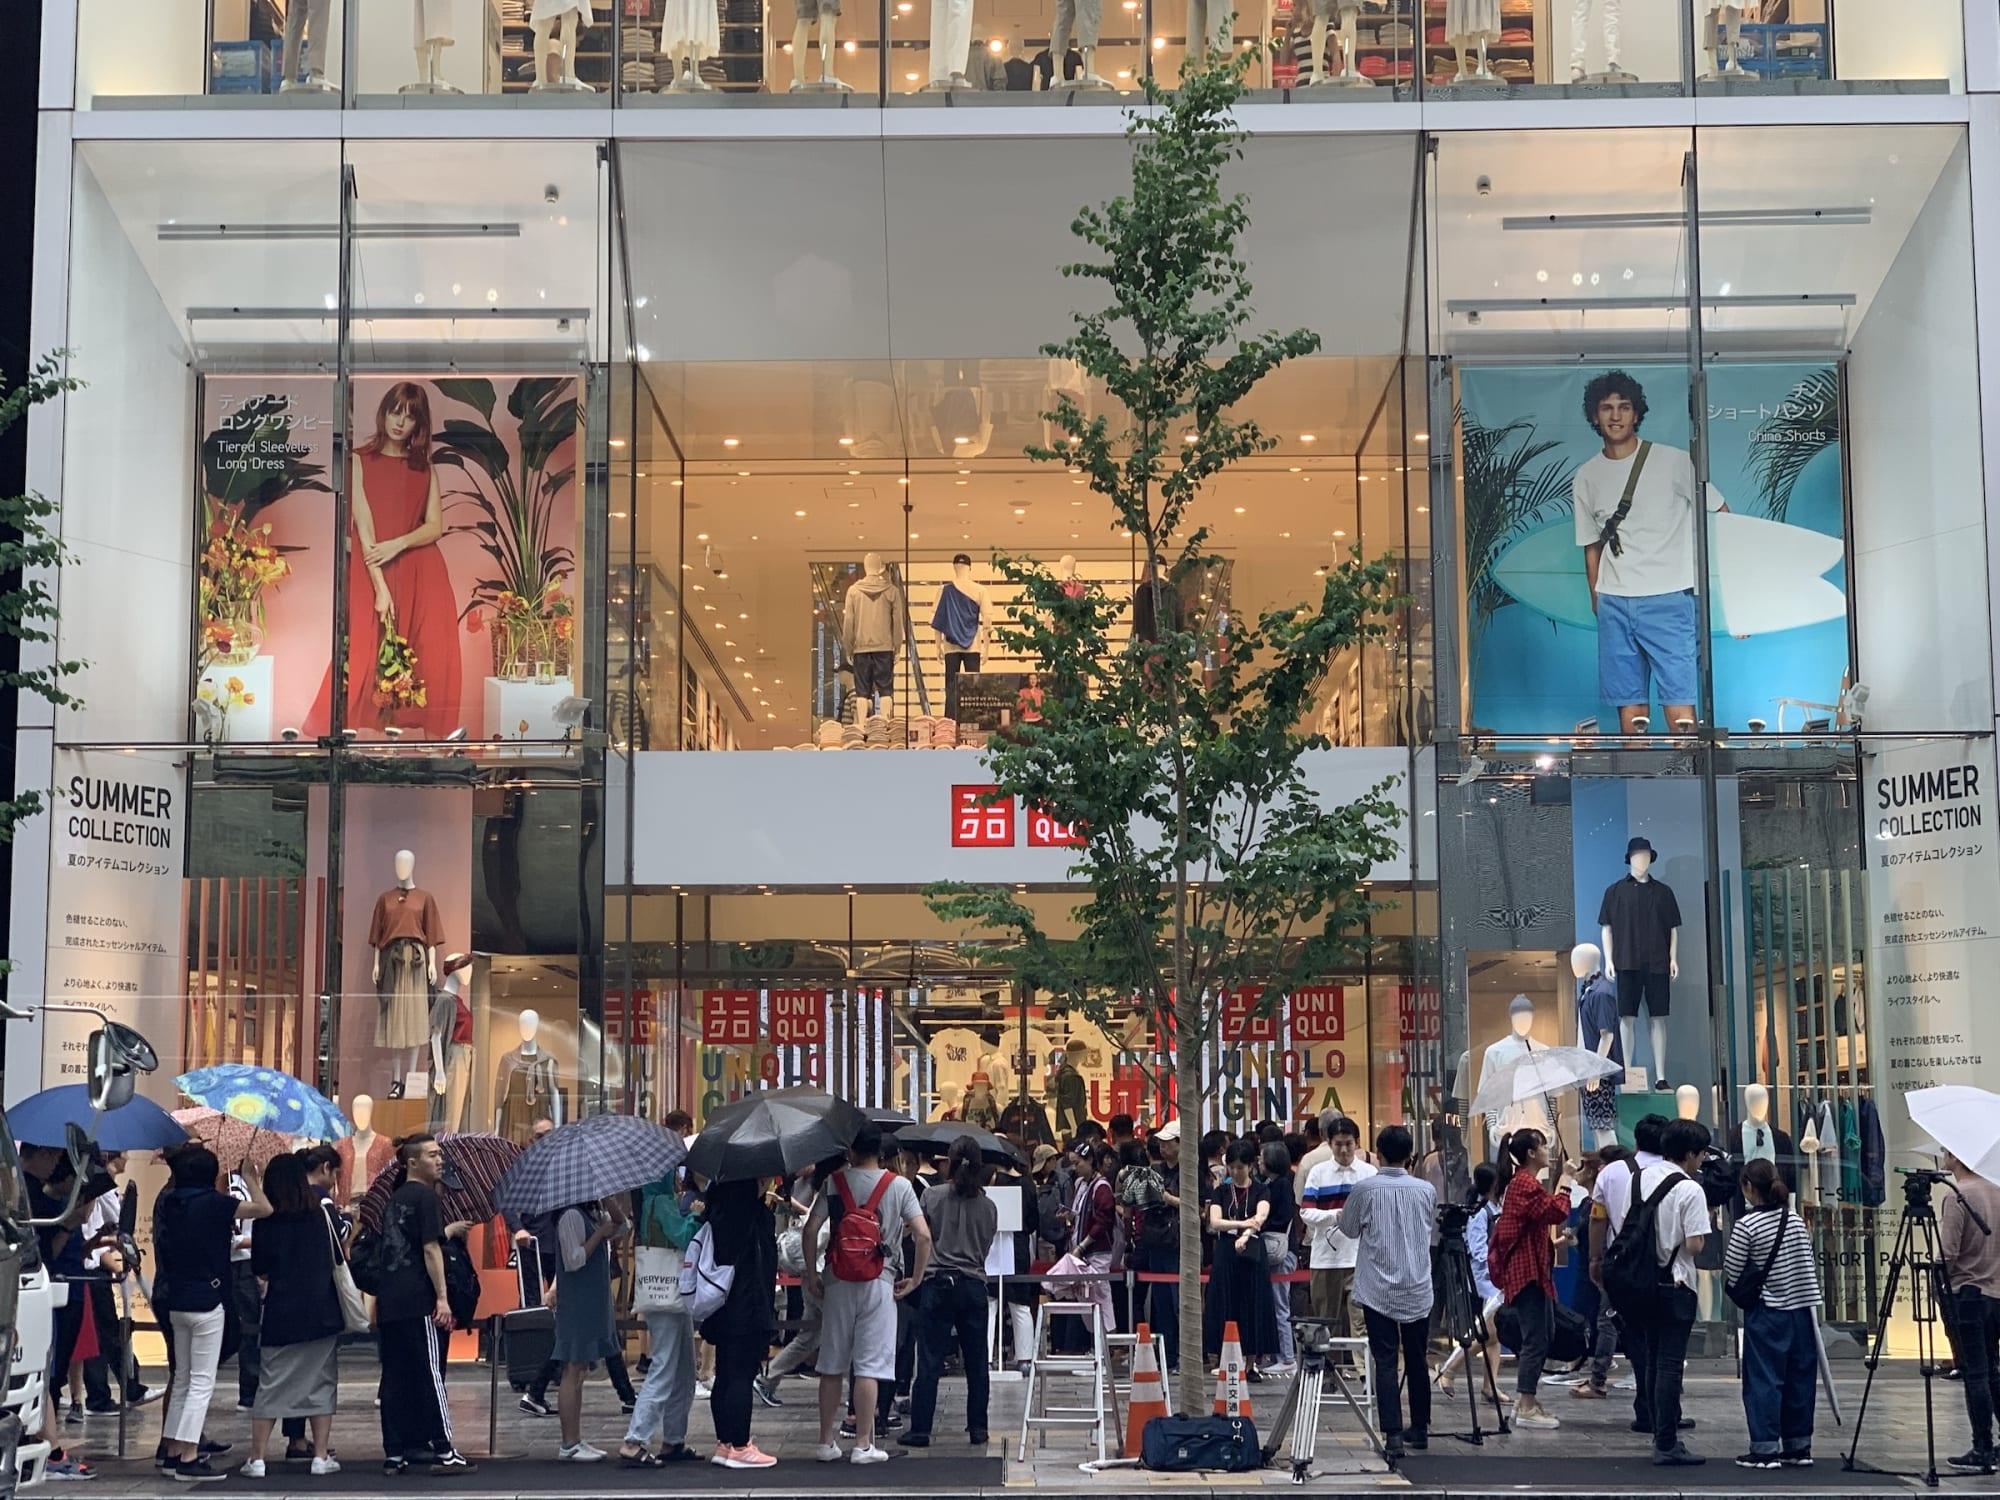 銀座 ユニクロ 1階から4階を貫く吹き抜け、「ユニクロの最先端」…銀座にグローバル旗艦店 :